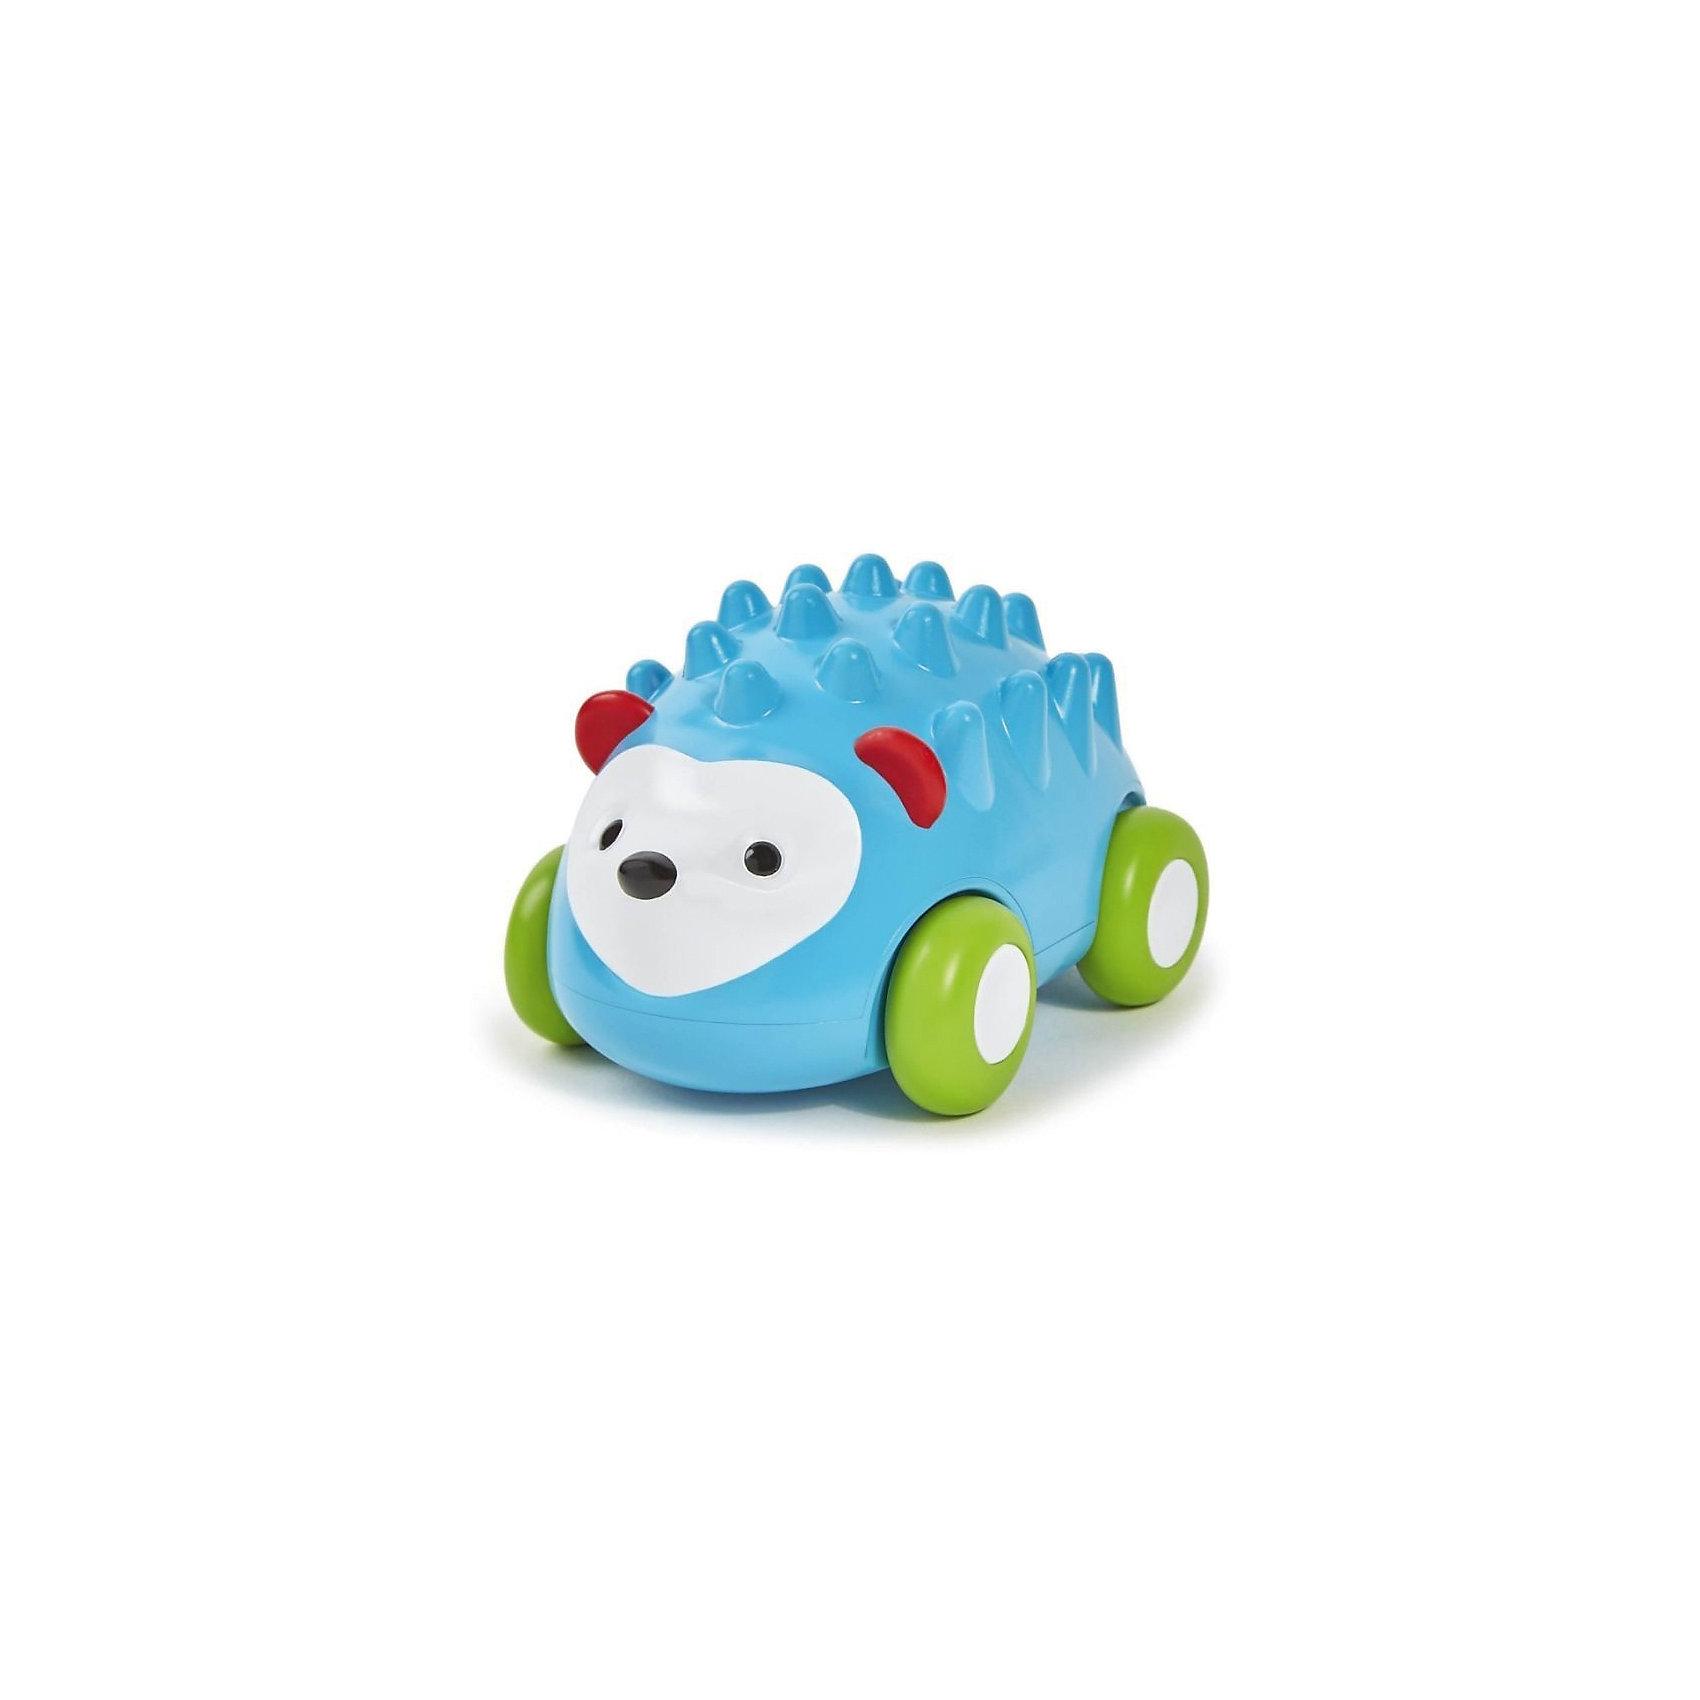 Развивающая игрушка Ежик-машинка, Skip HopРазвивающие игрушки<br>Развивающая игрушка Ёжик-машинка, Skip Hop<br><br>Характеристики:<br><br>• В набор входит: игрушка<br>• Состав: пластик<br>• Размер: 30 * 20 * 20 см.<br>• Для детей в возрасте: от 6 месяцев<br>• Страна производитель: Китай<br><br>Машинка ёжик может легко кататься по твёрдым поверхностям, стимулируя малыша ползать и следовать за ней, или же смотреть как она катается. Внутри находится механизм и если оттянуть машинку назад, она поедет вперёд. Приятная безопасная рельефная текстура иголок ёжика будет помогать изучать новые формы предметов. <br><br>Благодаря удобному размеру ёжика легко хватать ручками и с ним приятно играть даже маленьким. Игрушка сочетает в себе сразу несколько цветов, чтобы привлечь внимание малыша и научить его разным оттенкам. Играя с этой игрушкой-машинкой малыш сможет развивать зрительное и тактильное восприятие, а также моторику рук. <br><br>Развивающую игрушку Ёжика-машинку, Skip Hop можно купить в нашем интернет-магазине.<br><br>Ширина мм: 99<br>Глубина мм: 99<br>Высота мм: 99<br>Вес г: 99<br>Возраст от месяцев: -2147483648<br>Возраст до месяцев: 2147483647<br>Пол: Унисекс<br>Возраст: Детский<br>SKU: 4769515